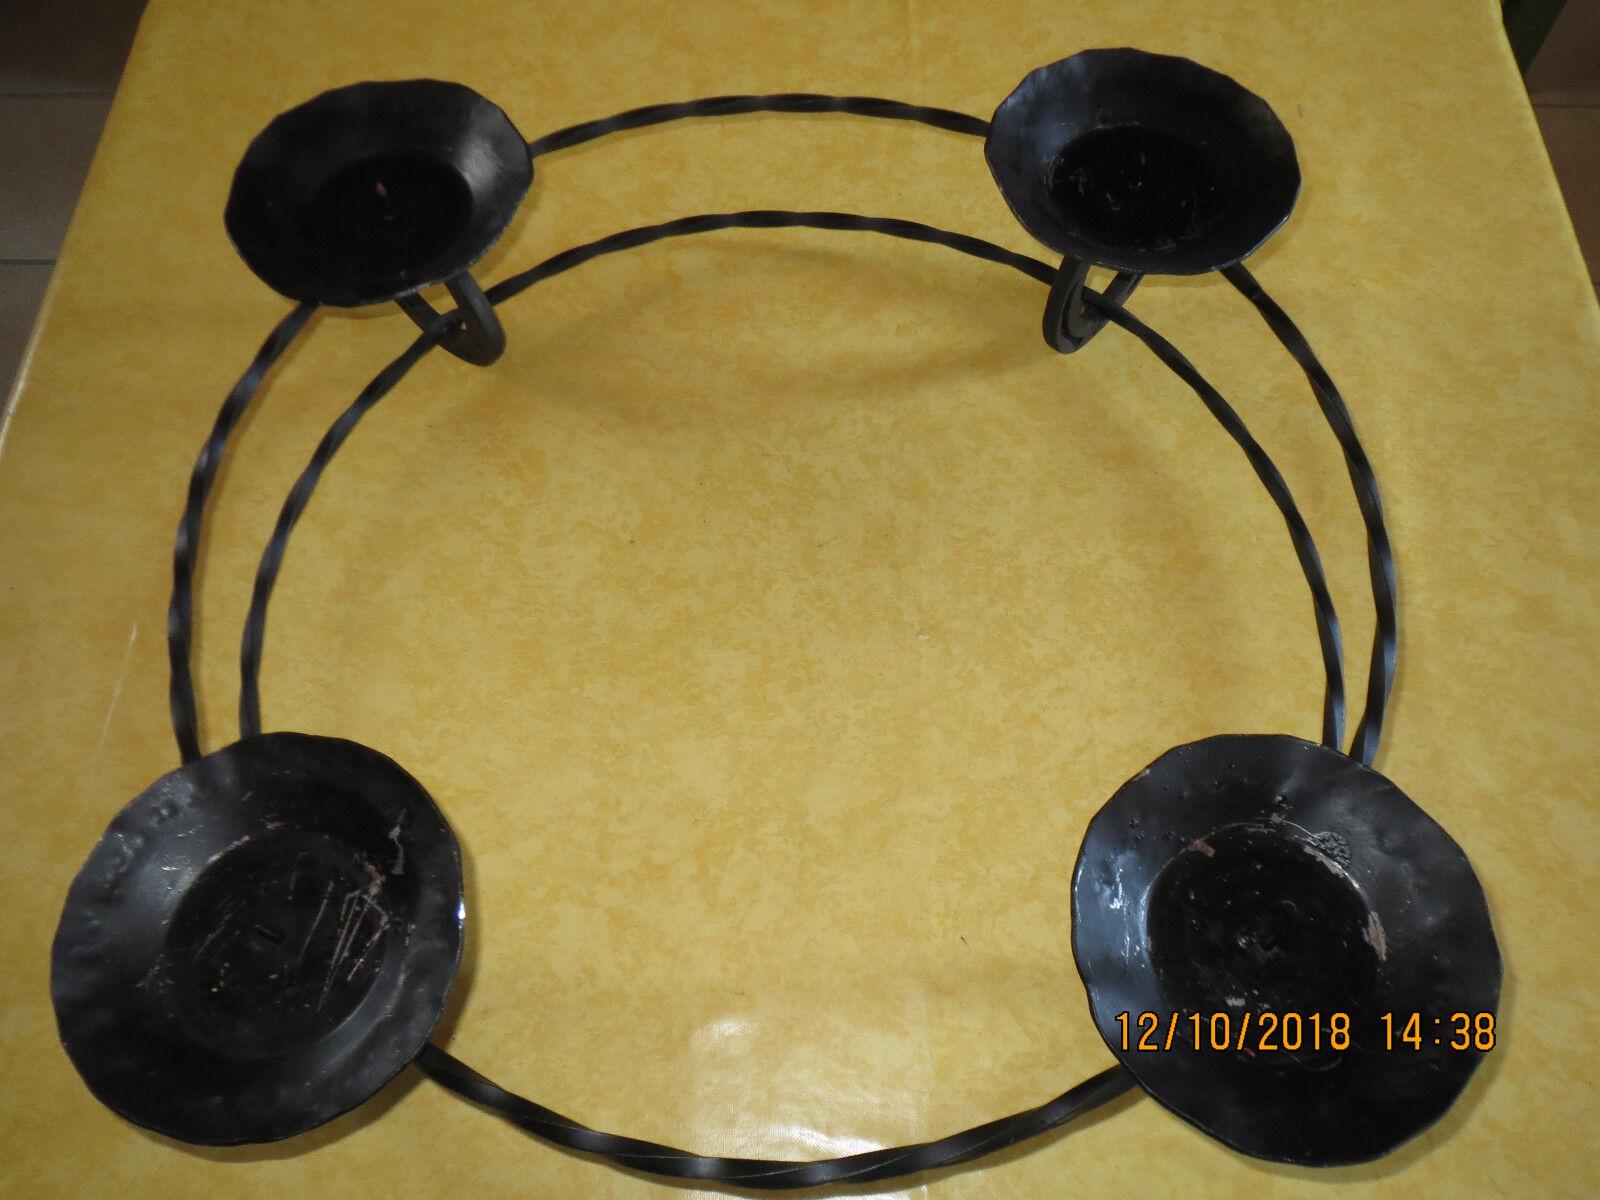 Kerzenleuchter 4 Flm handgeschm., 46 cm Durchm, gebraucht,schwarz,Kerzenhalter   | Kaufen Sie online